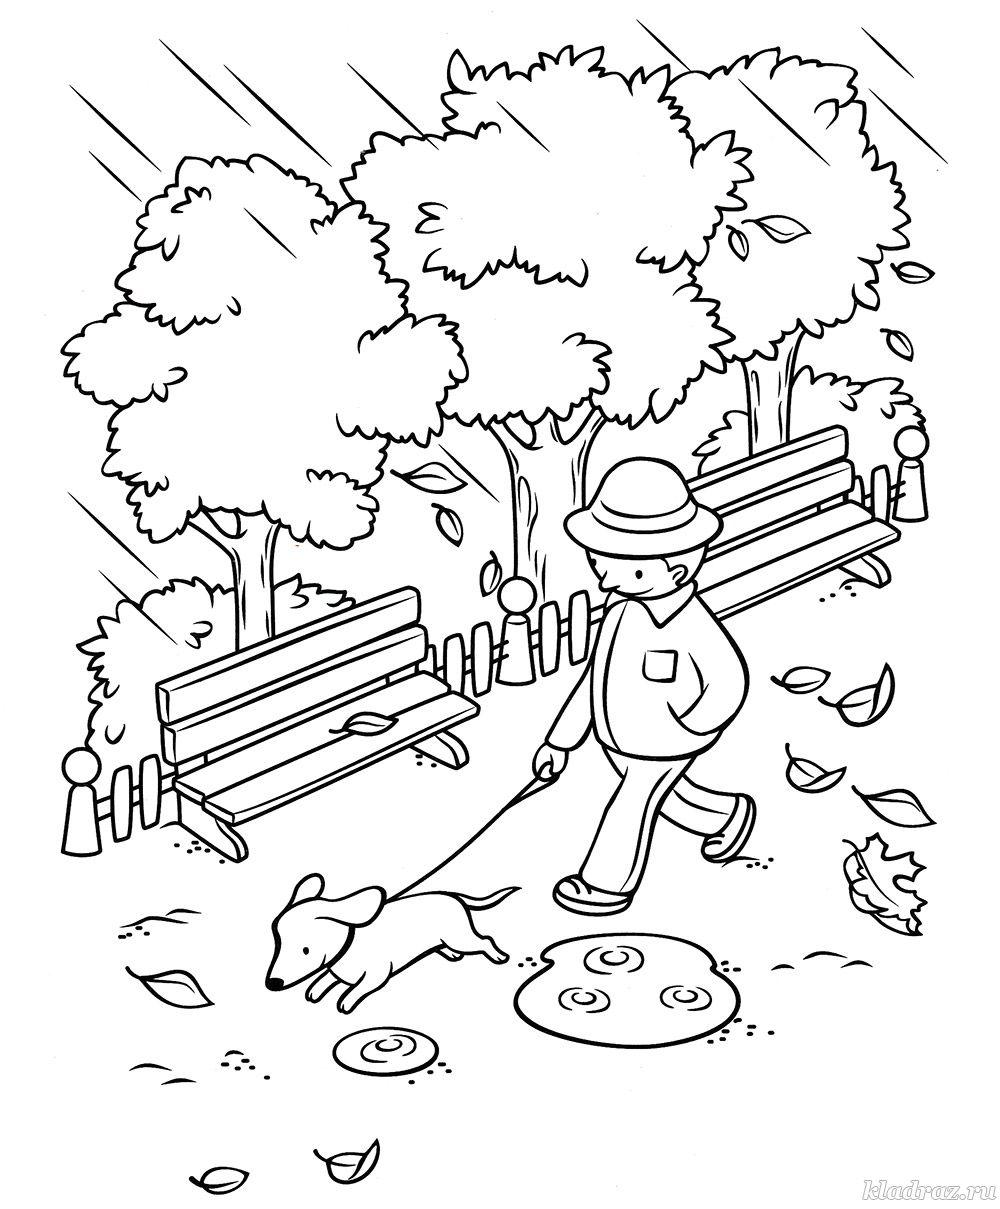 """Раскраска на тему """"Осень"""" для детей дошкольников 5-7 лет"""